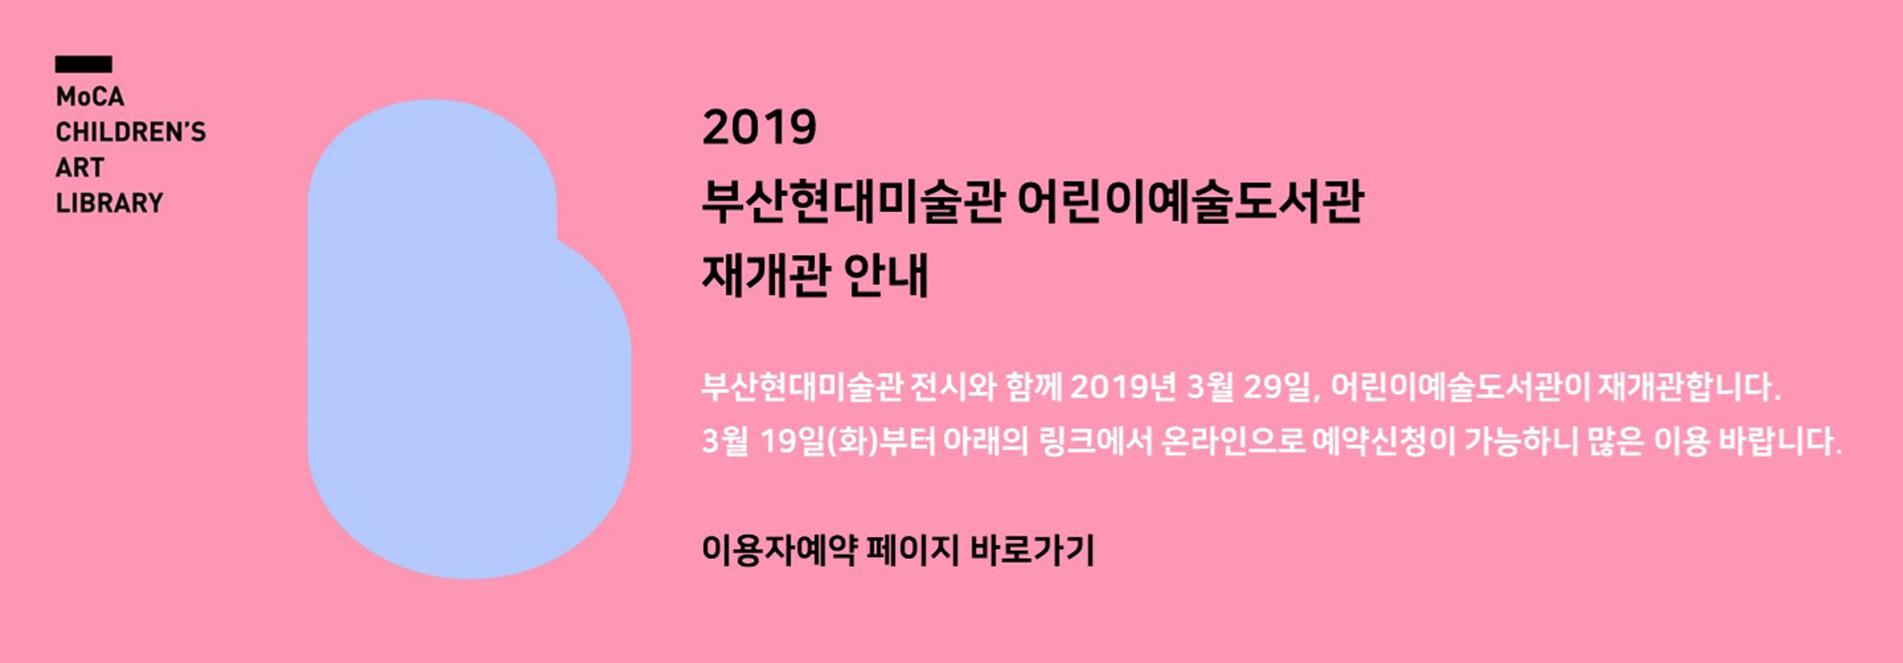 2019 부산현대미술관 어린이예술도서관 재개관 안내 부산현대미술관 전시와 함께 2019년 3월 29일, 어린이예술도서관이 재개관합니다. 3월19일(화)부터 아래의 링크에서 온라인으로 예약신청이 가능하니 많은 이용 바랍니다.